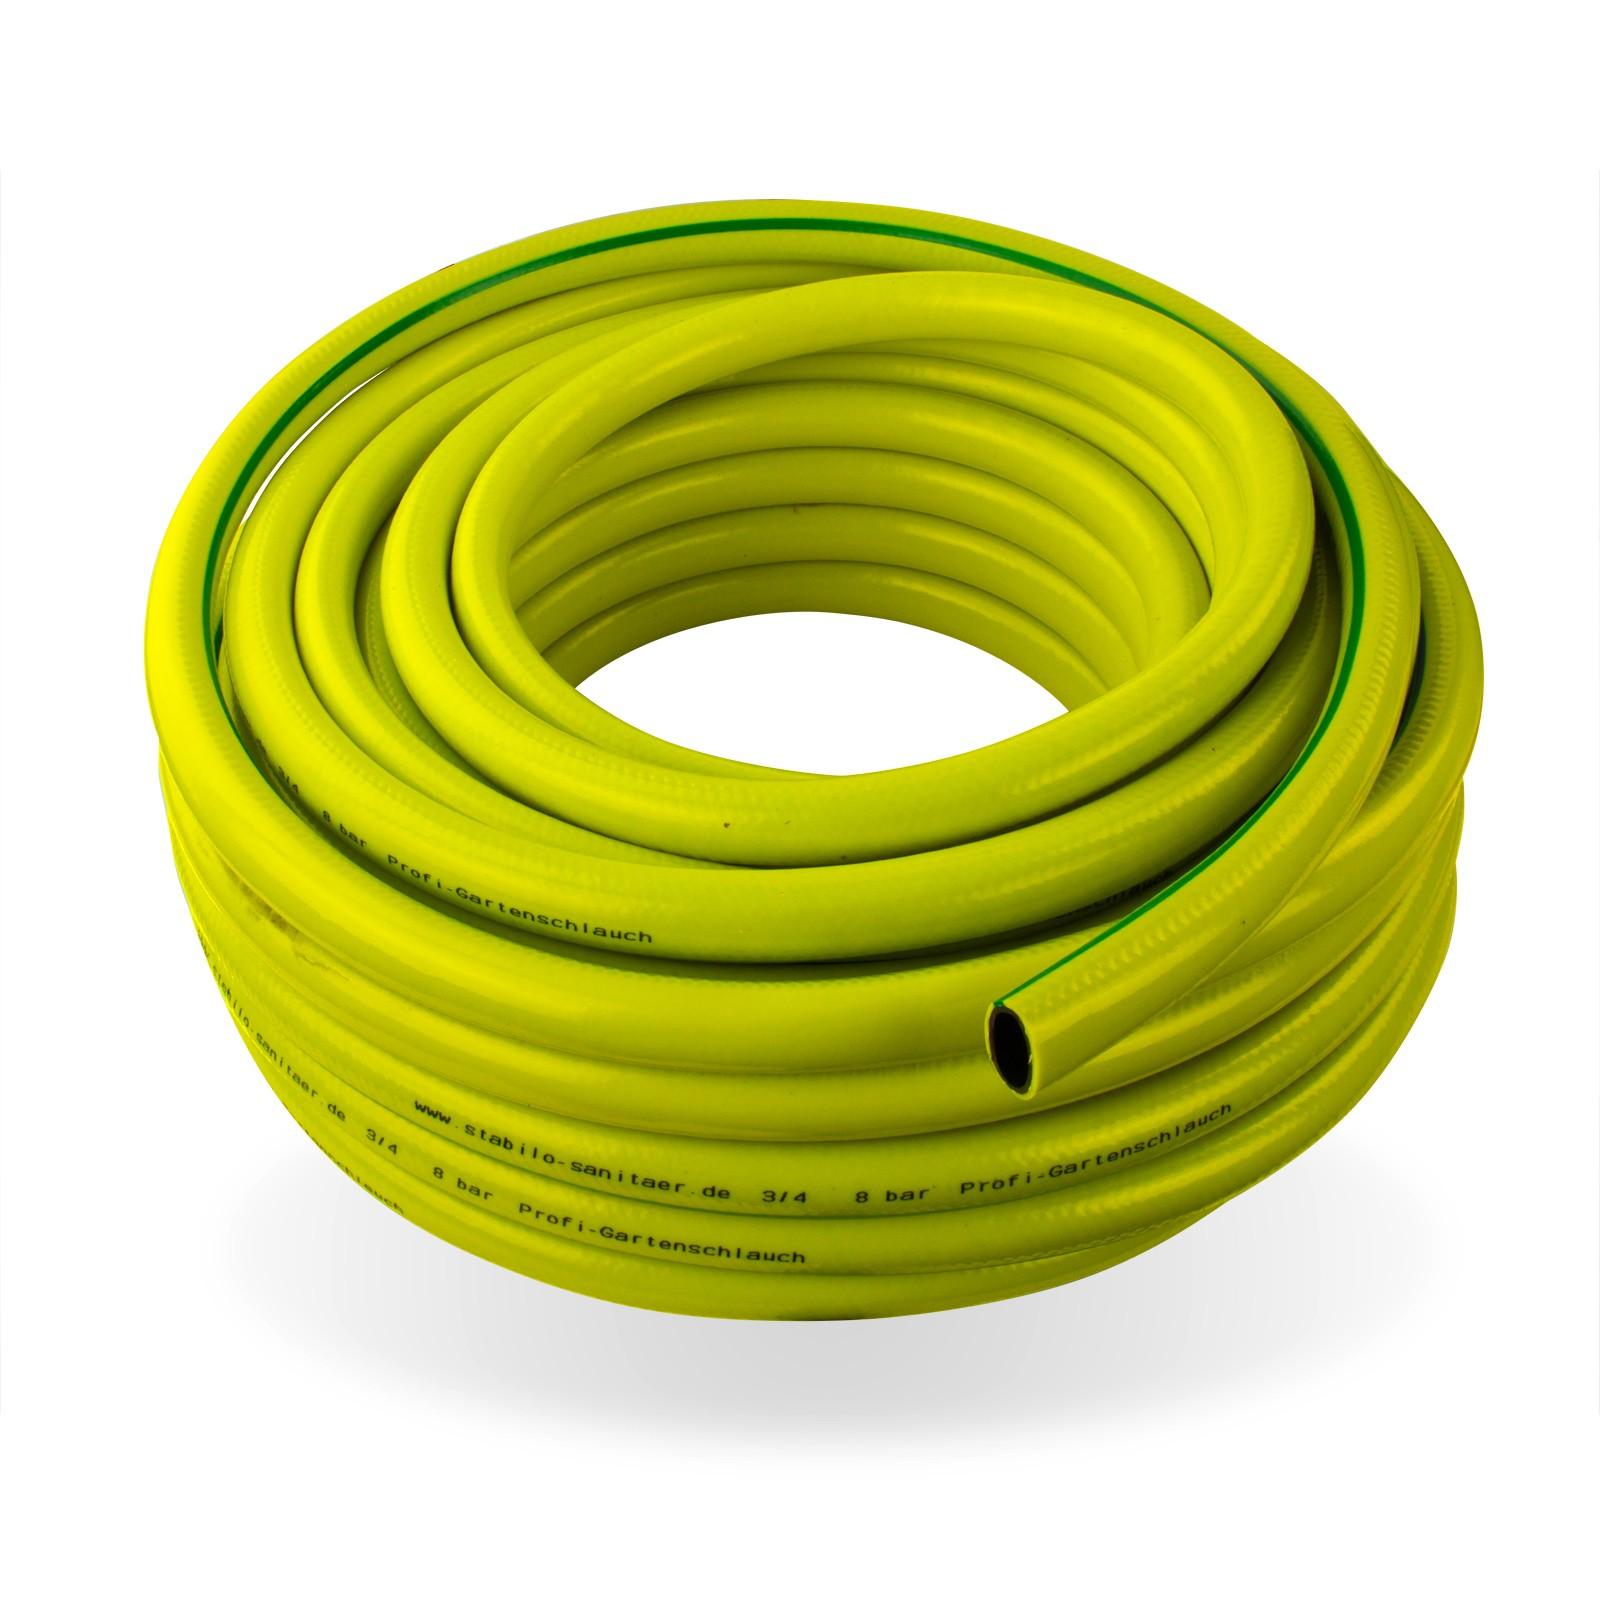 Stabilo-Sanitaer Profi Gartenschlauch / Wasserschlauch 3/4 Zoll / 50 m gelb 14464